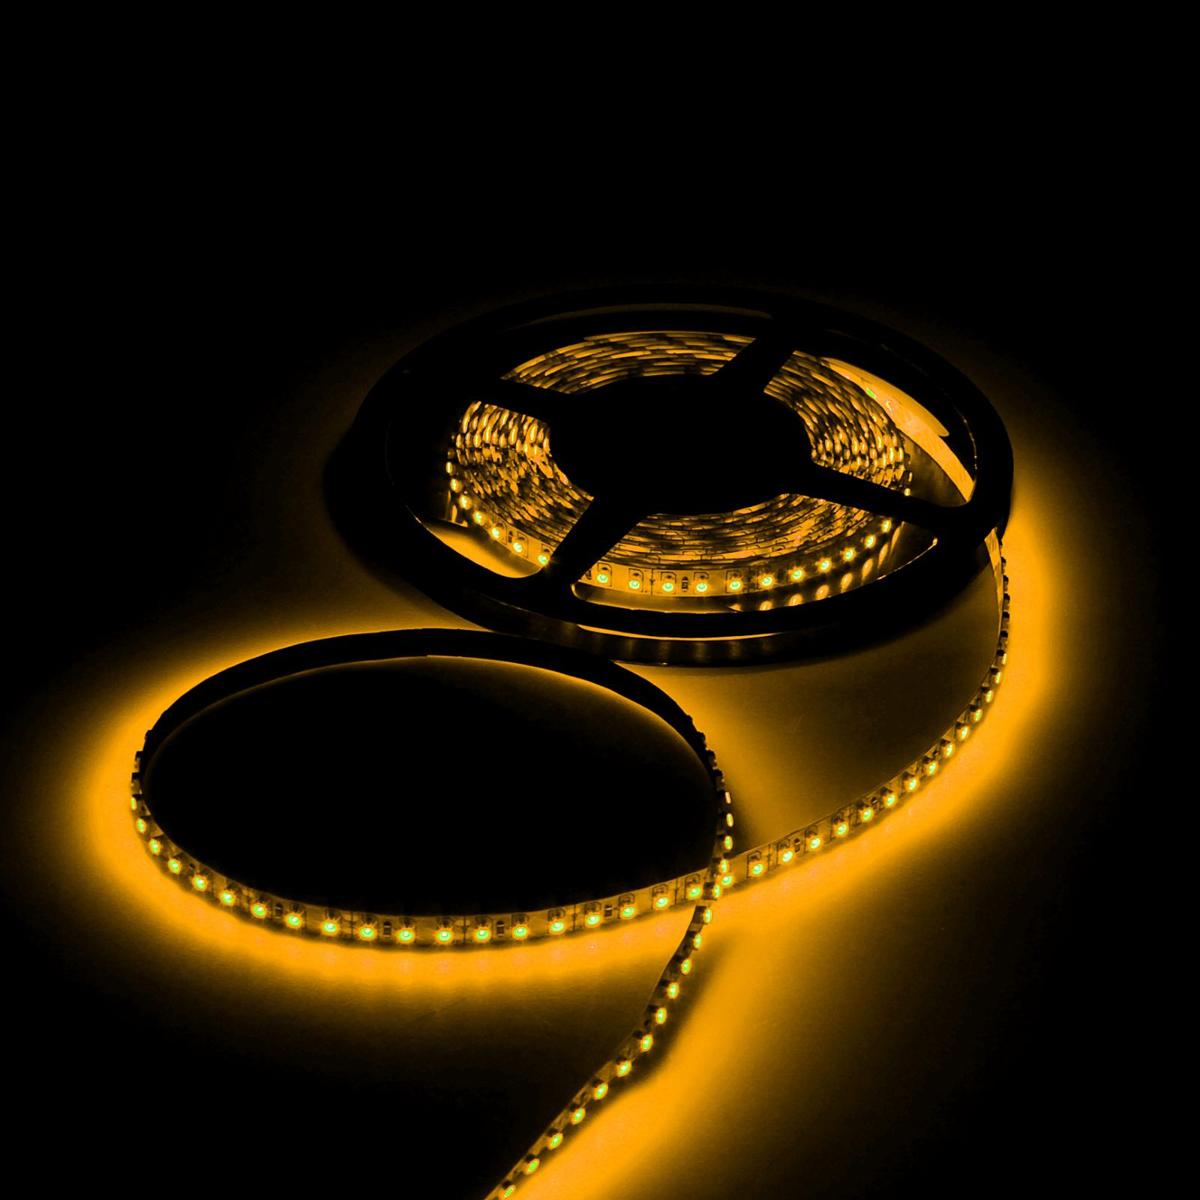 Светодиодная лента Luazon, 12В, SMD3528, длина 5 м, IP68, 60 LED ламп, 4.8 Вт/м, 6-7 Лм/1 LED, DC, цвет: желтый. 883887883887Светодиодные гирлянды, ленты и т.д — это отличный вариант для новогоднего оформления интерьера или фасада. С их помощью помещение любого размера можно превратить в праздничный зал, а внешние элементы зданий, украшенные ими, мгновенно станут напоминать очертания сказочного дворца. Такие украшения создают ауру предвкушения чуда. Деревья, фасады, витрины, окна и арки будто специально созданы, чтобы вы украсили их светящимися нитями.